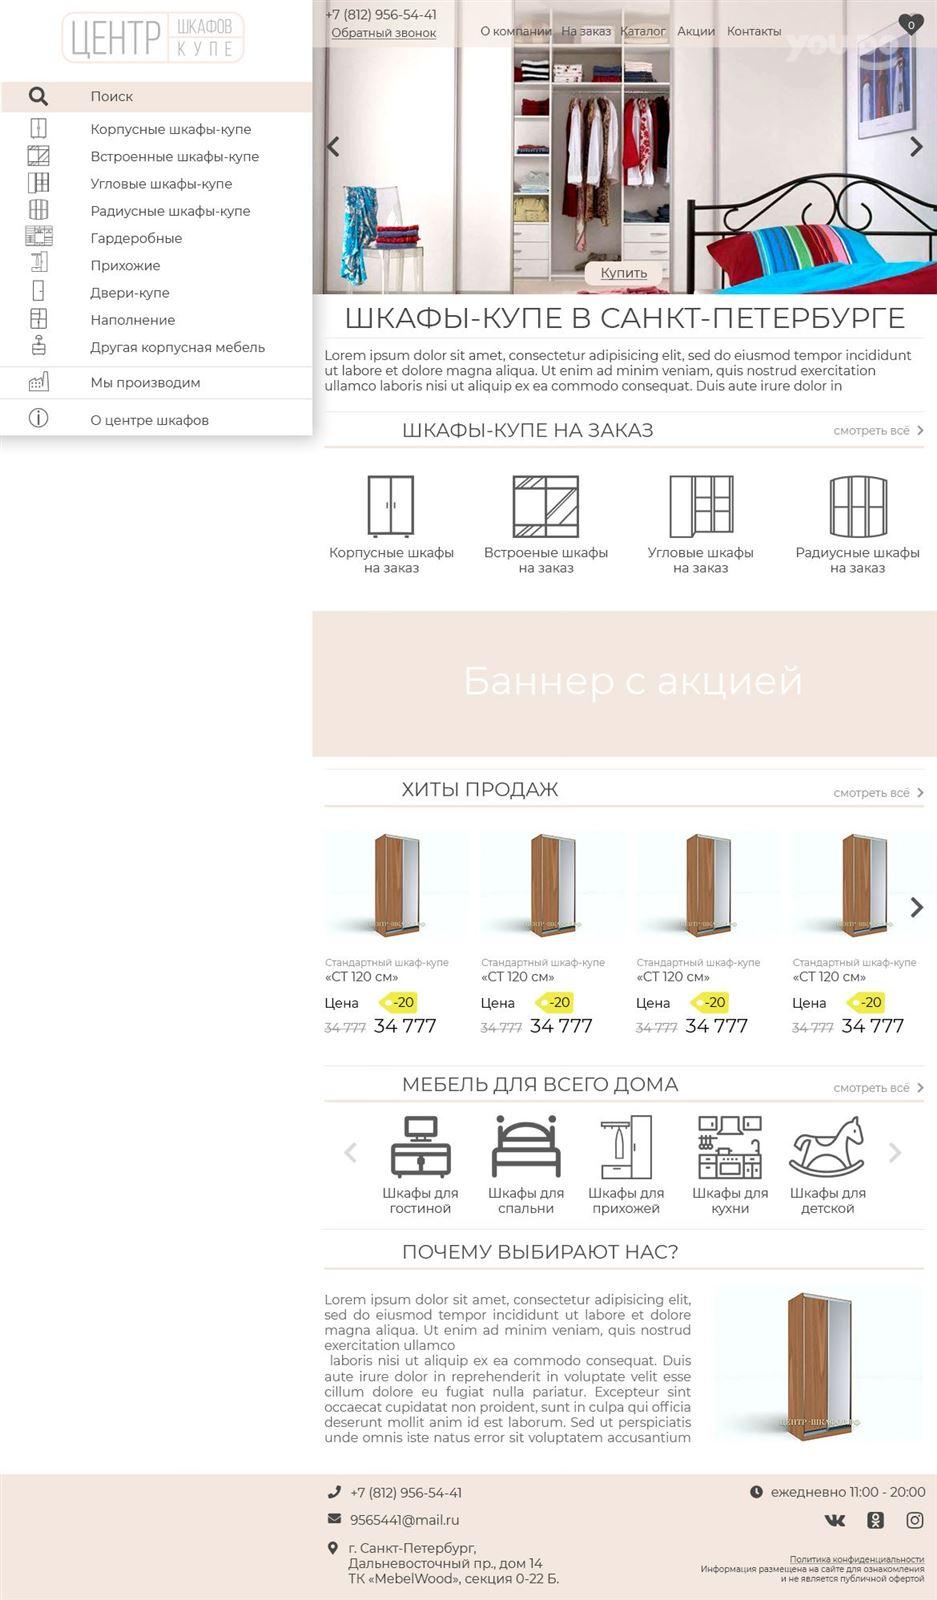 Макет главной страницы Центра шкафов-купе